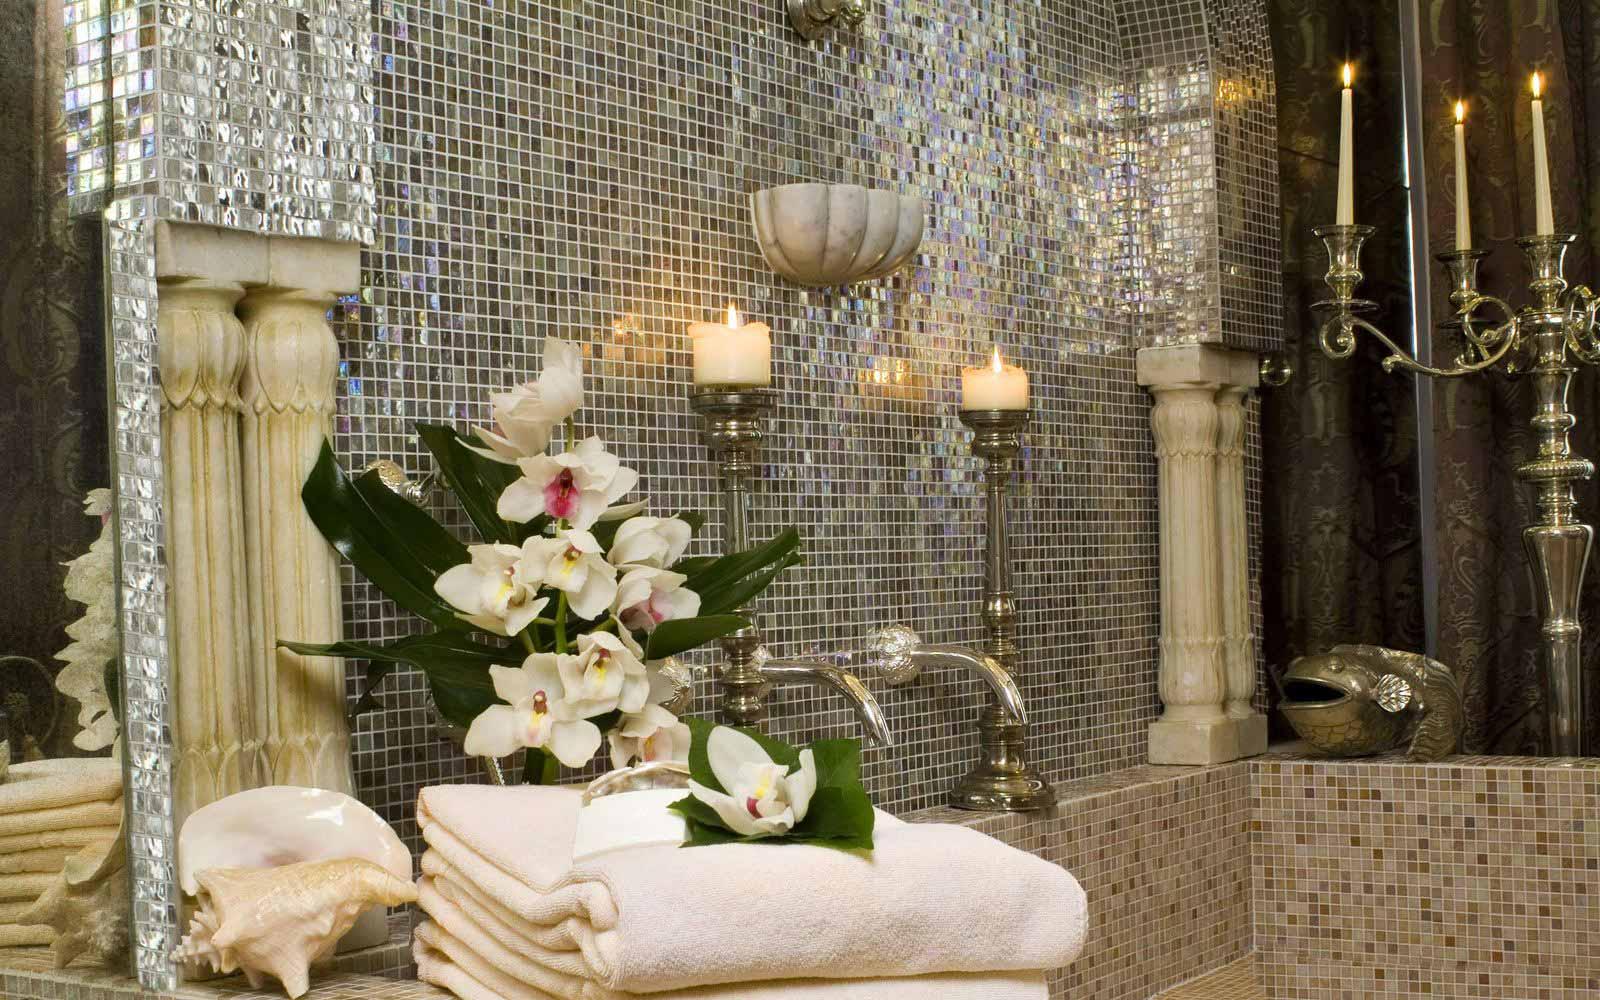 Exclusive suite bathroom at Hotel Metropole